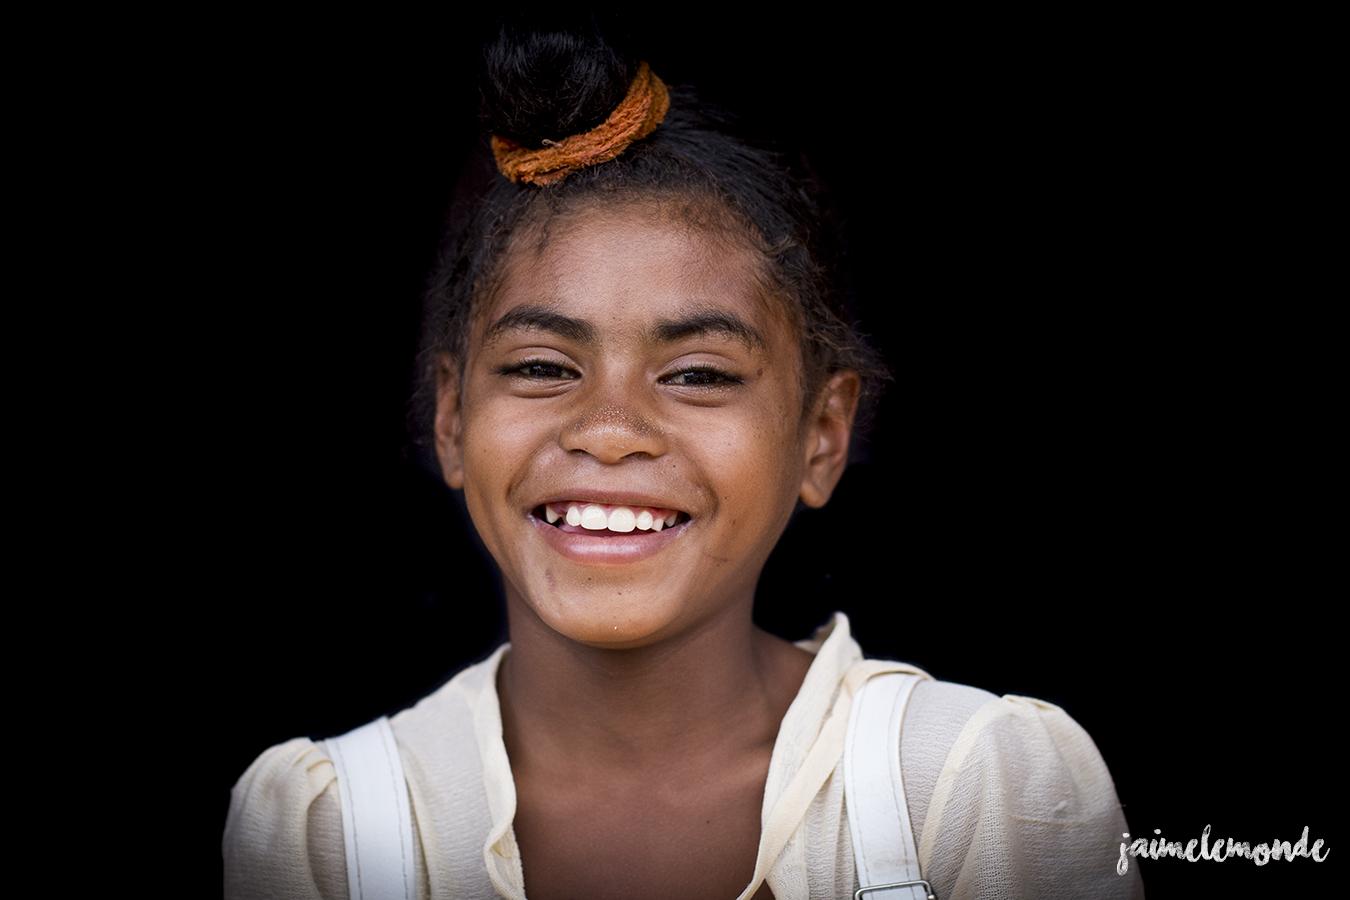 portraits-fond-noir-vohitsaoka-madagascar-jaimelemonde-23